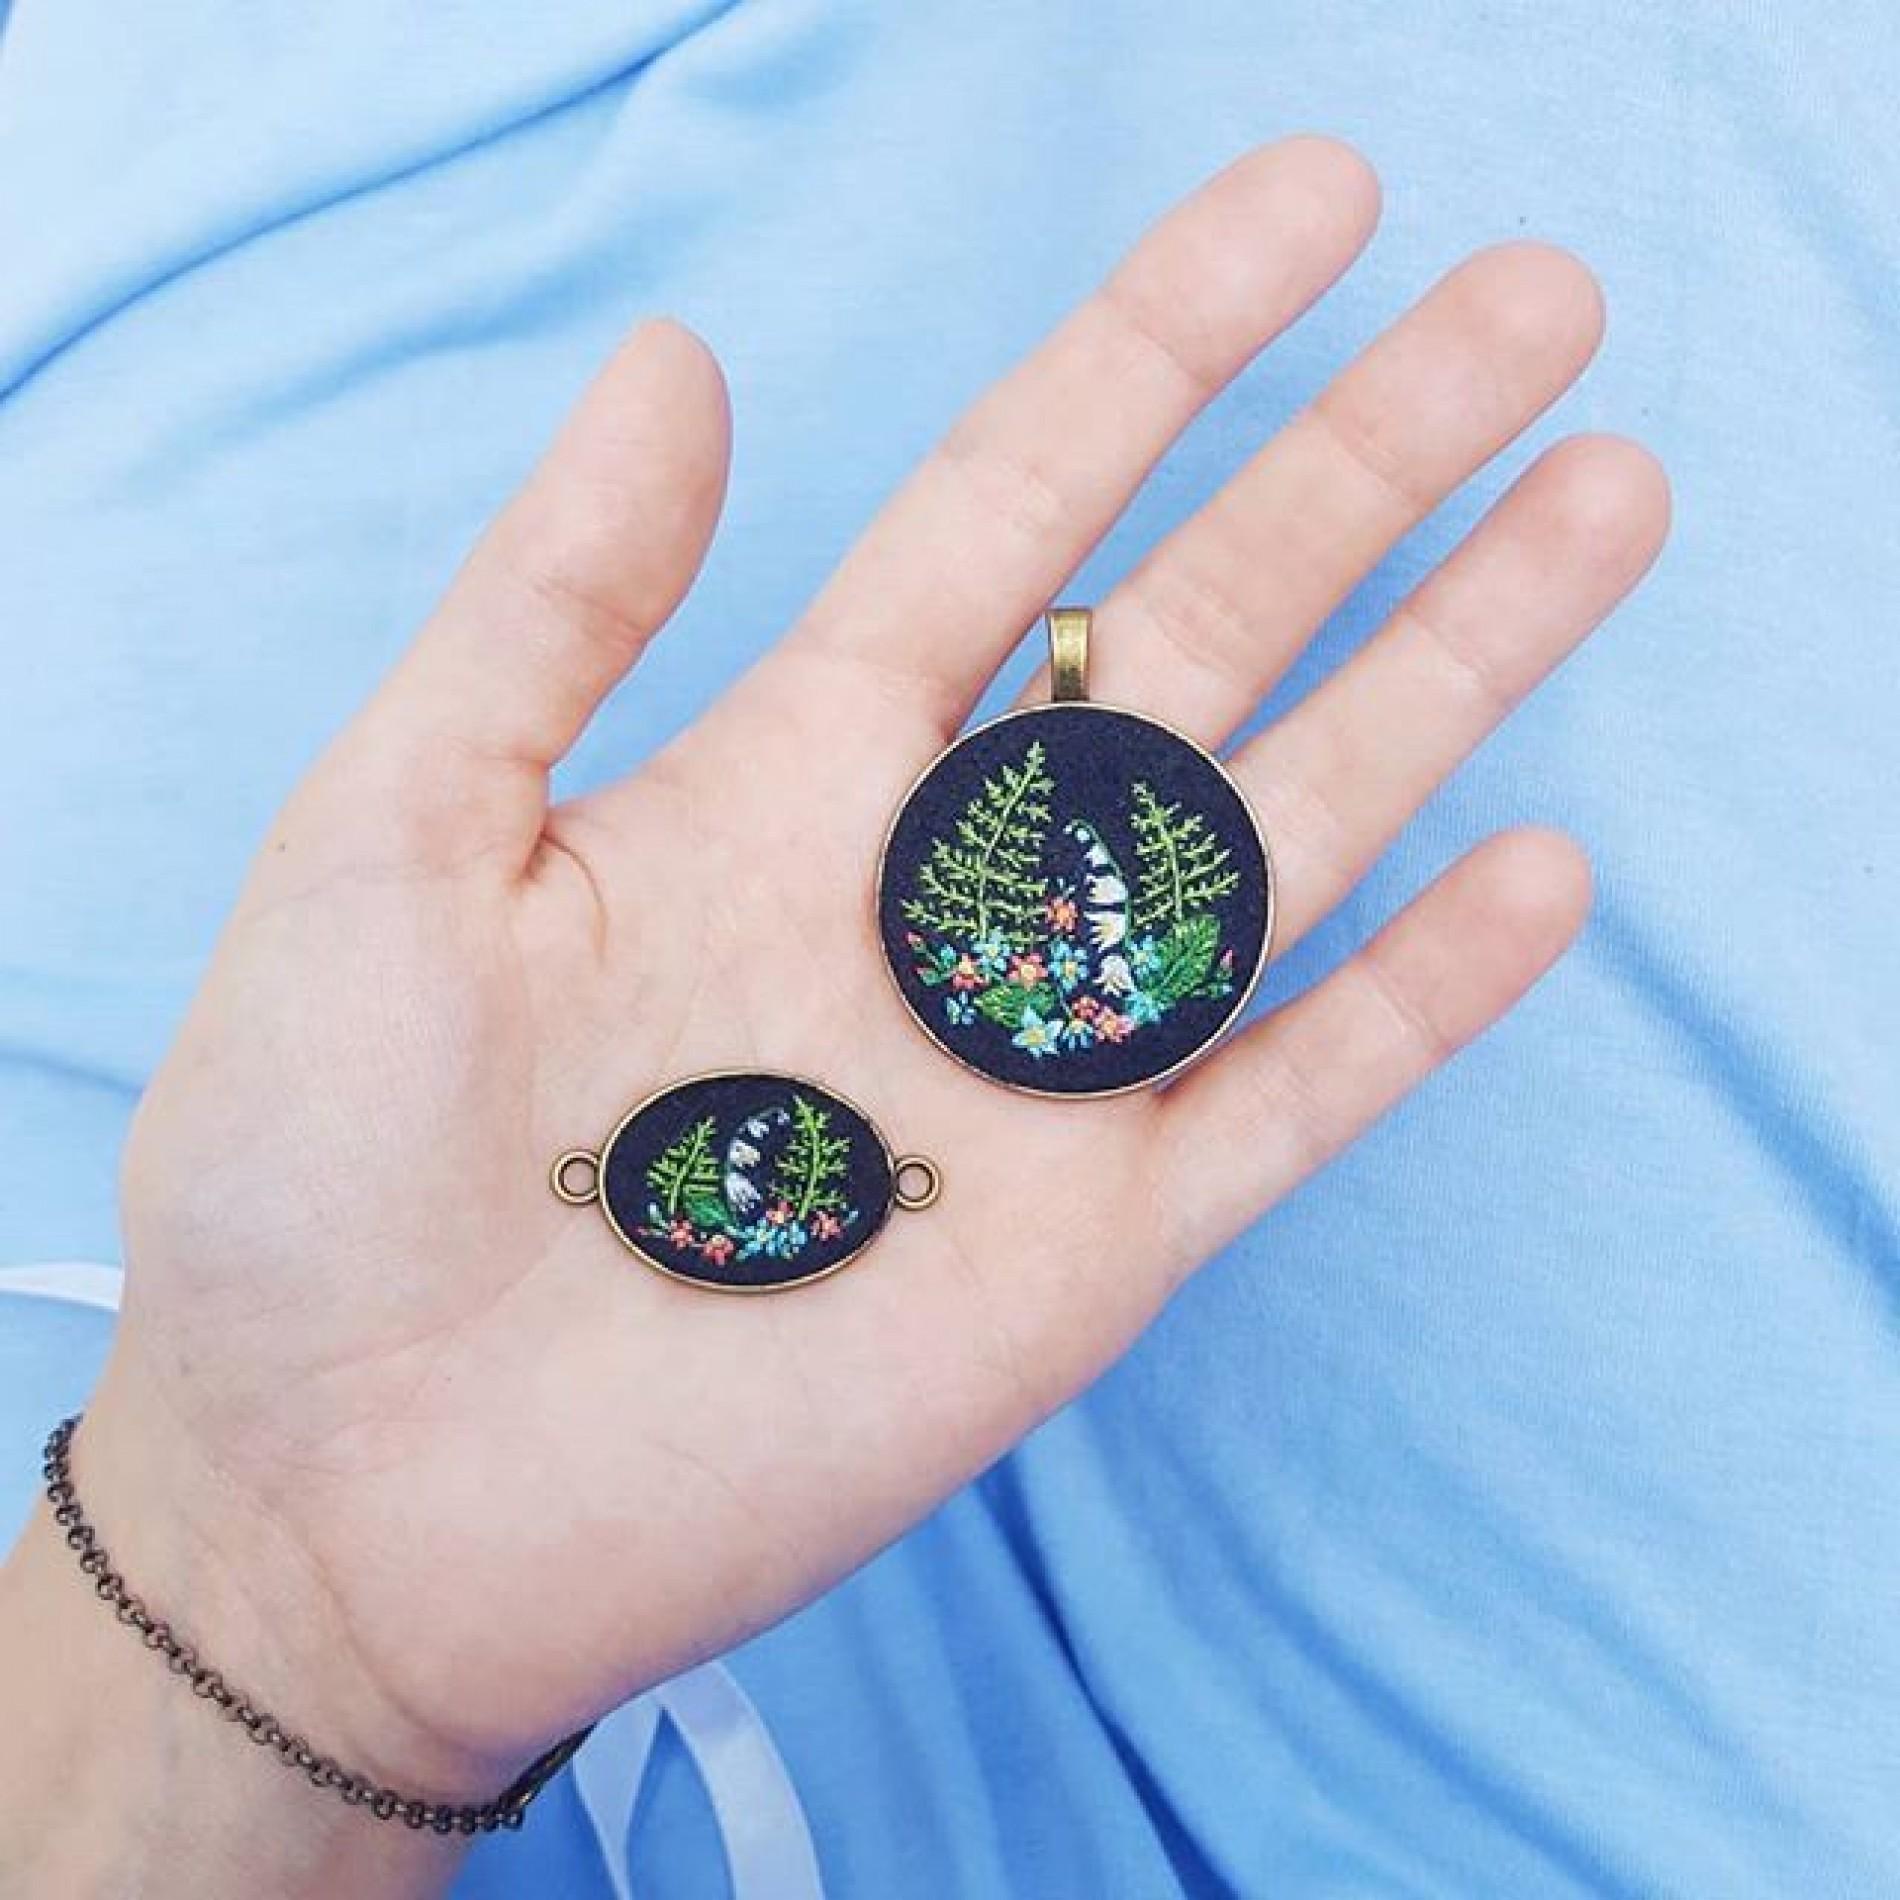 haftowany komplet: naszyjnik i bransoletka z paprociami i konwaliami